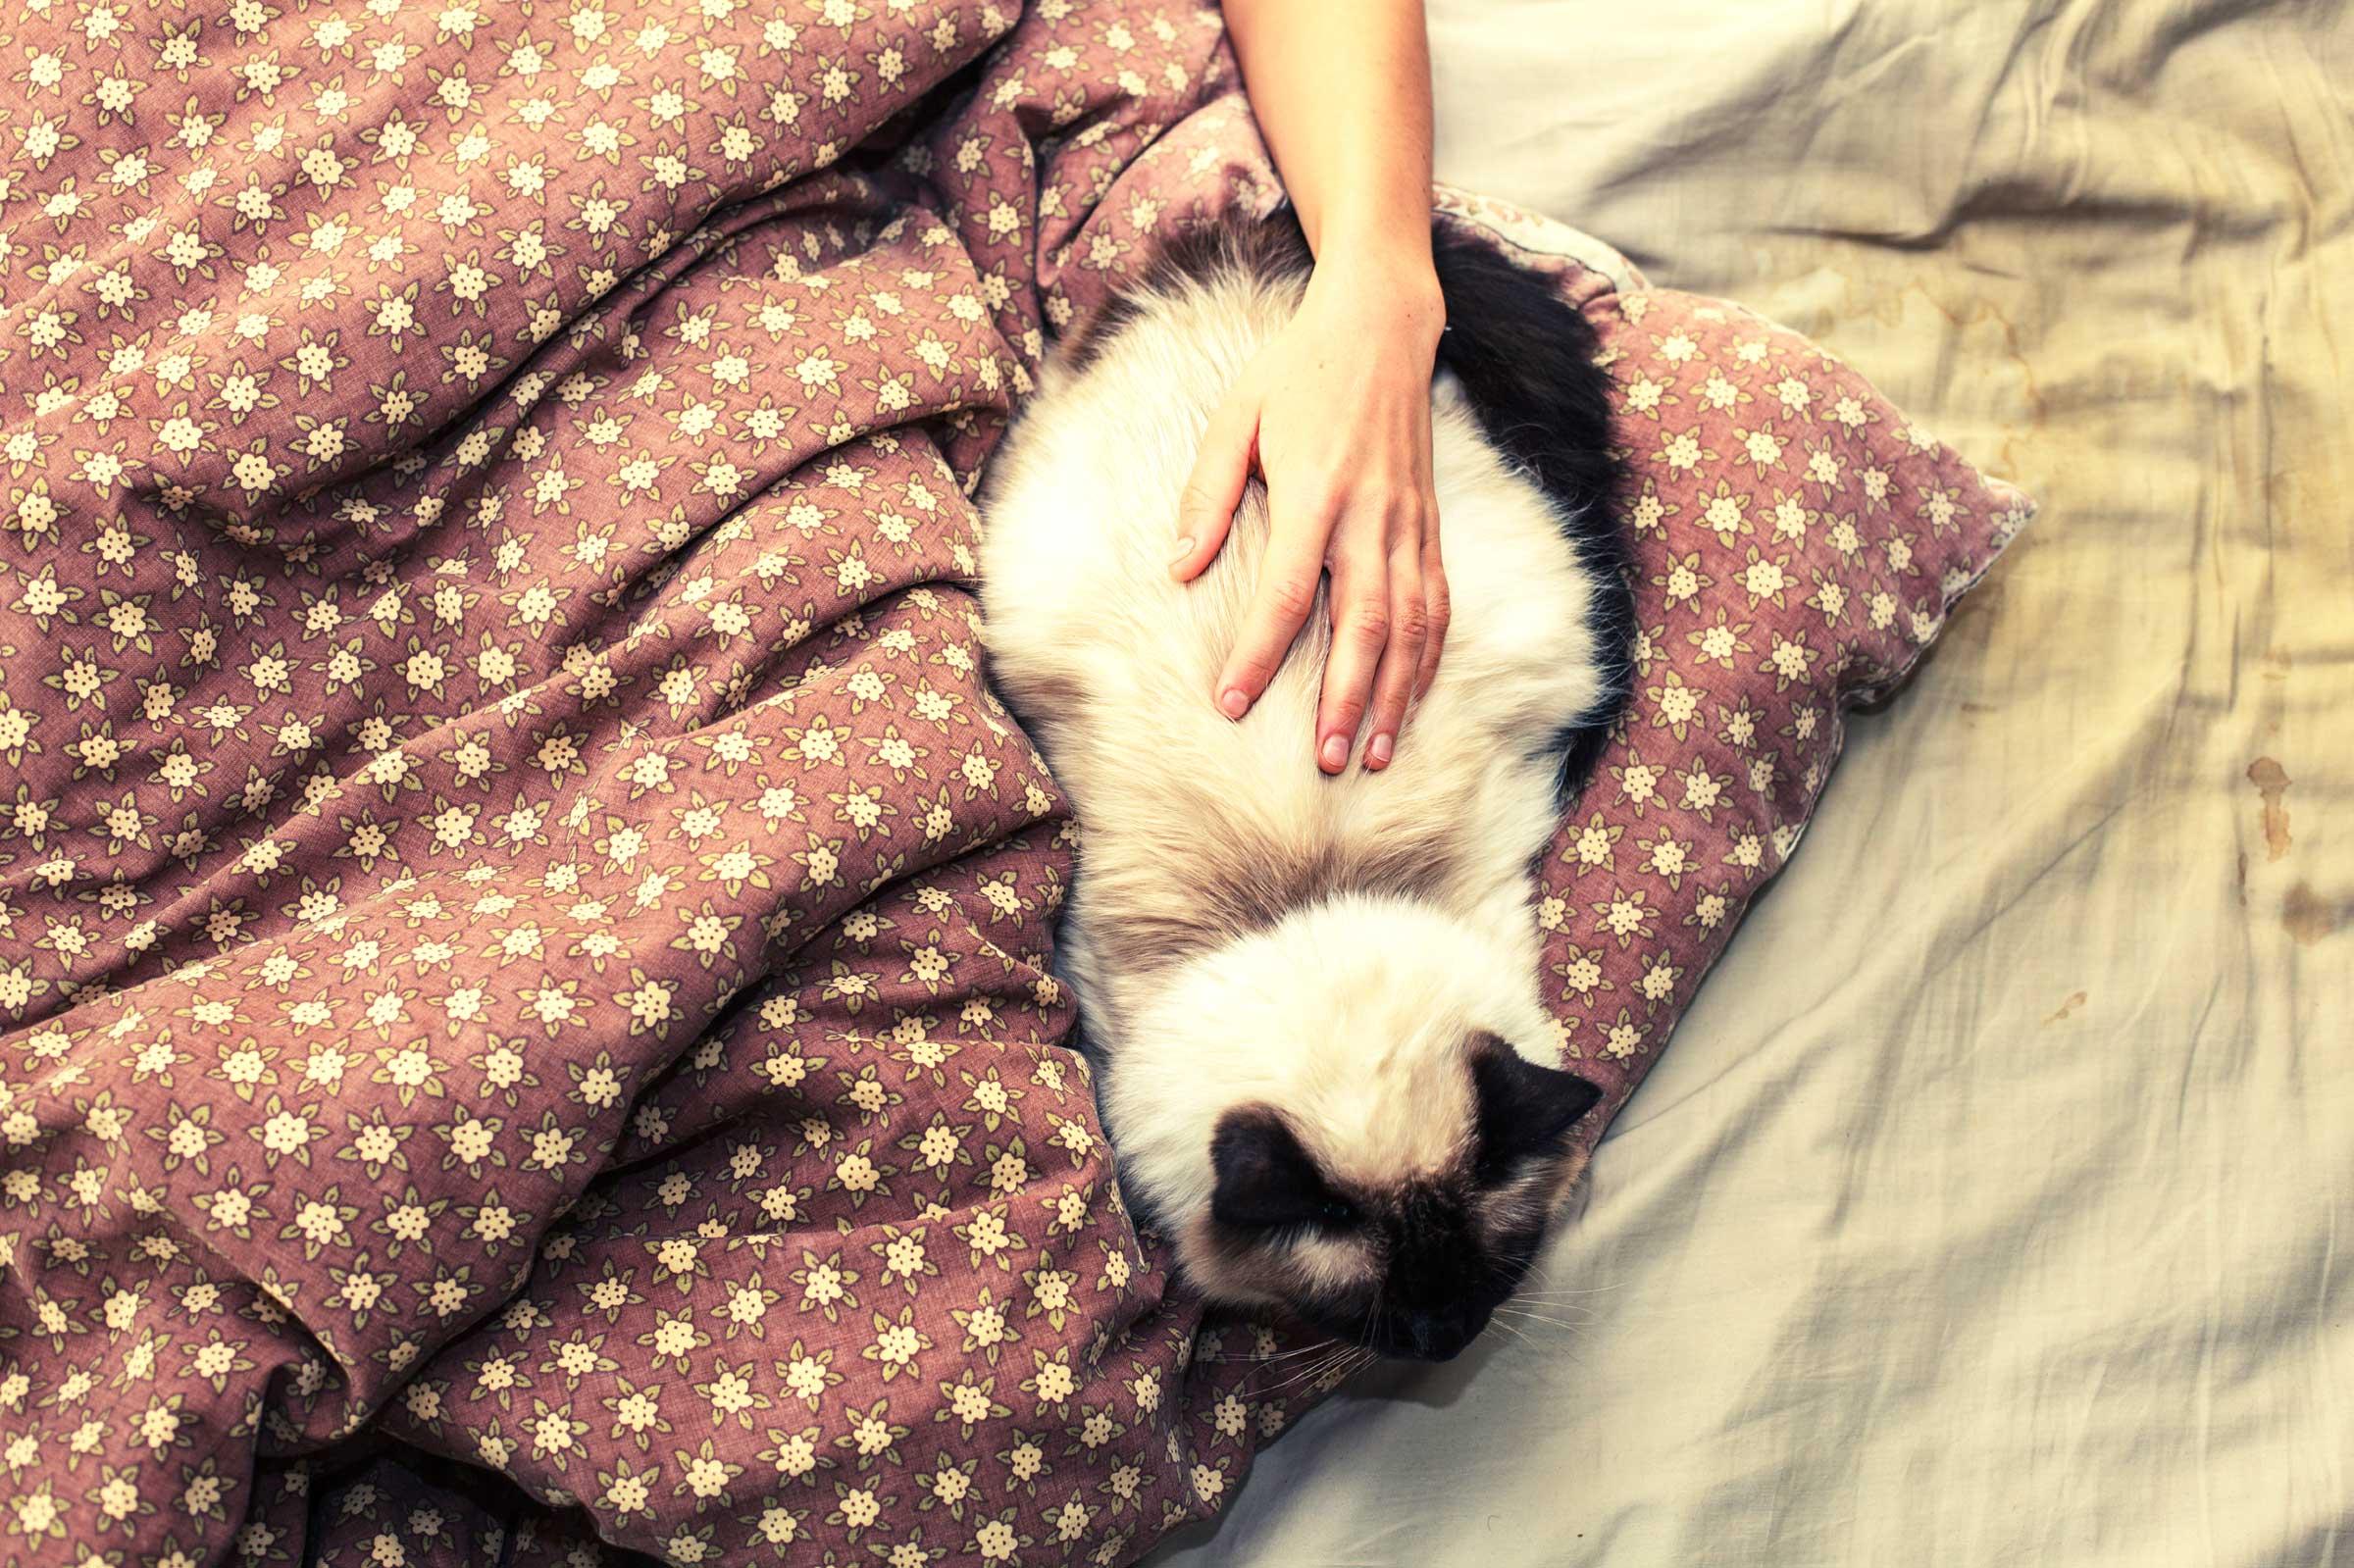 cosas que nuestras mascotas nos quieren decir pero no entendemos 10